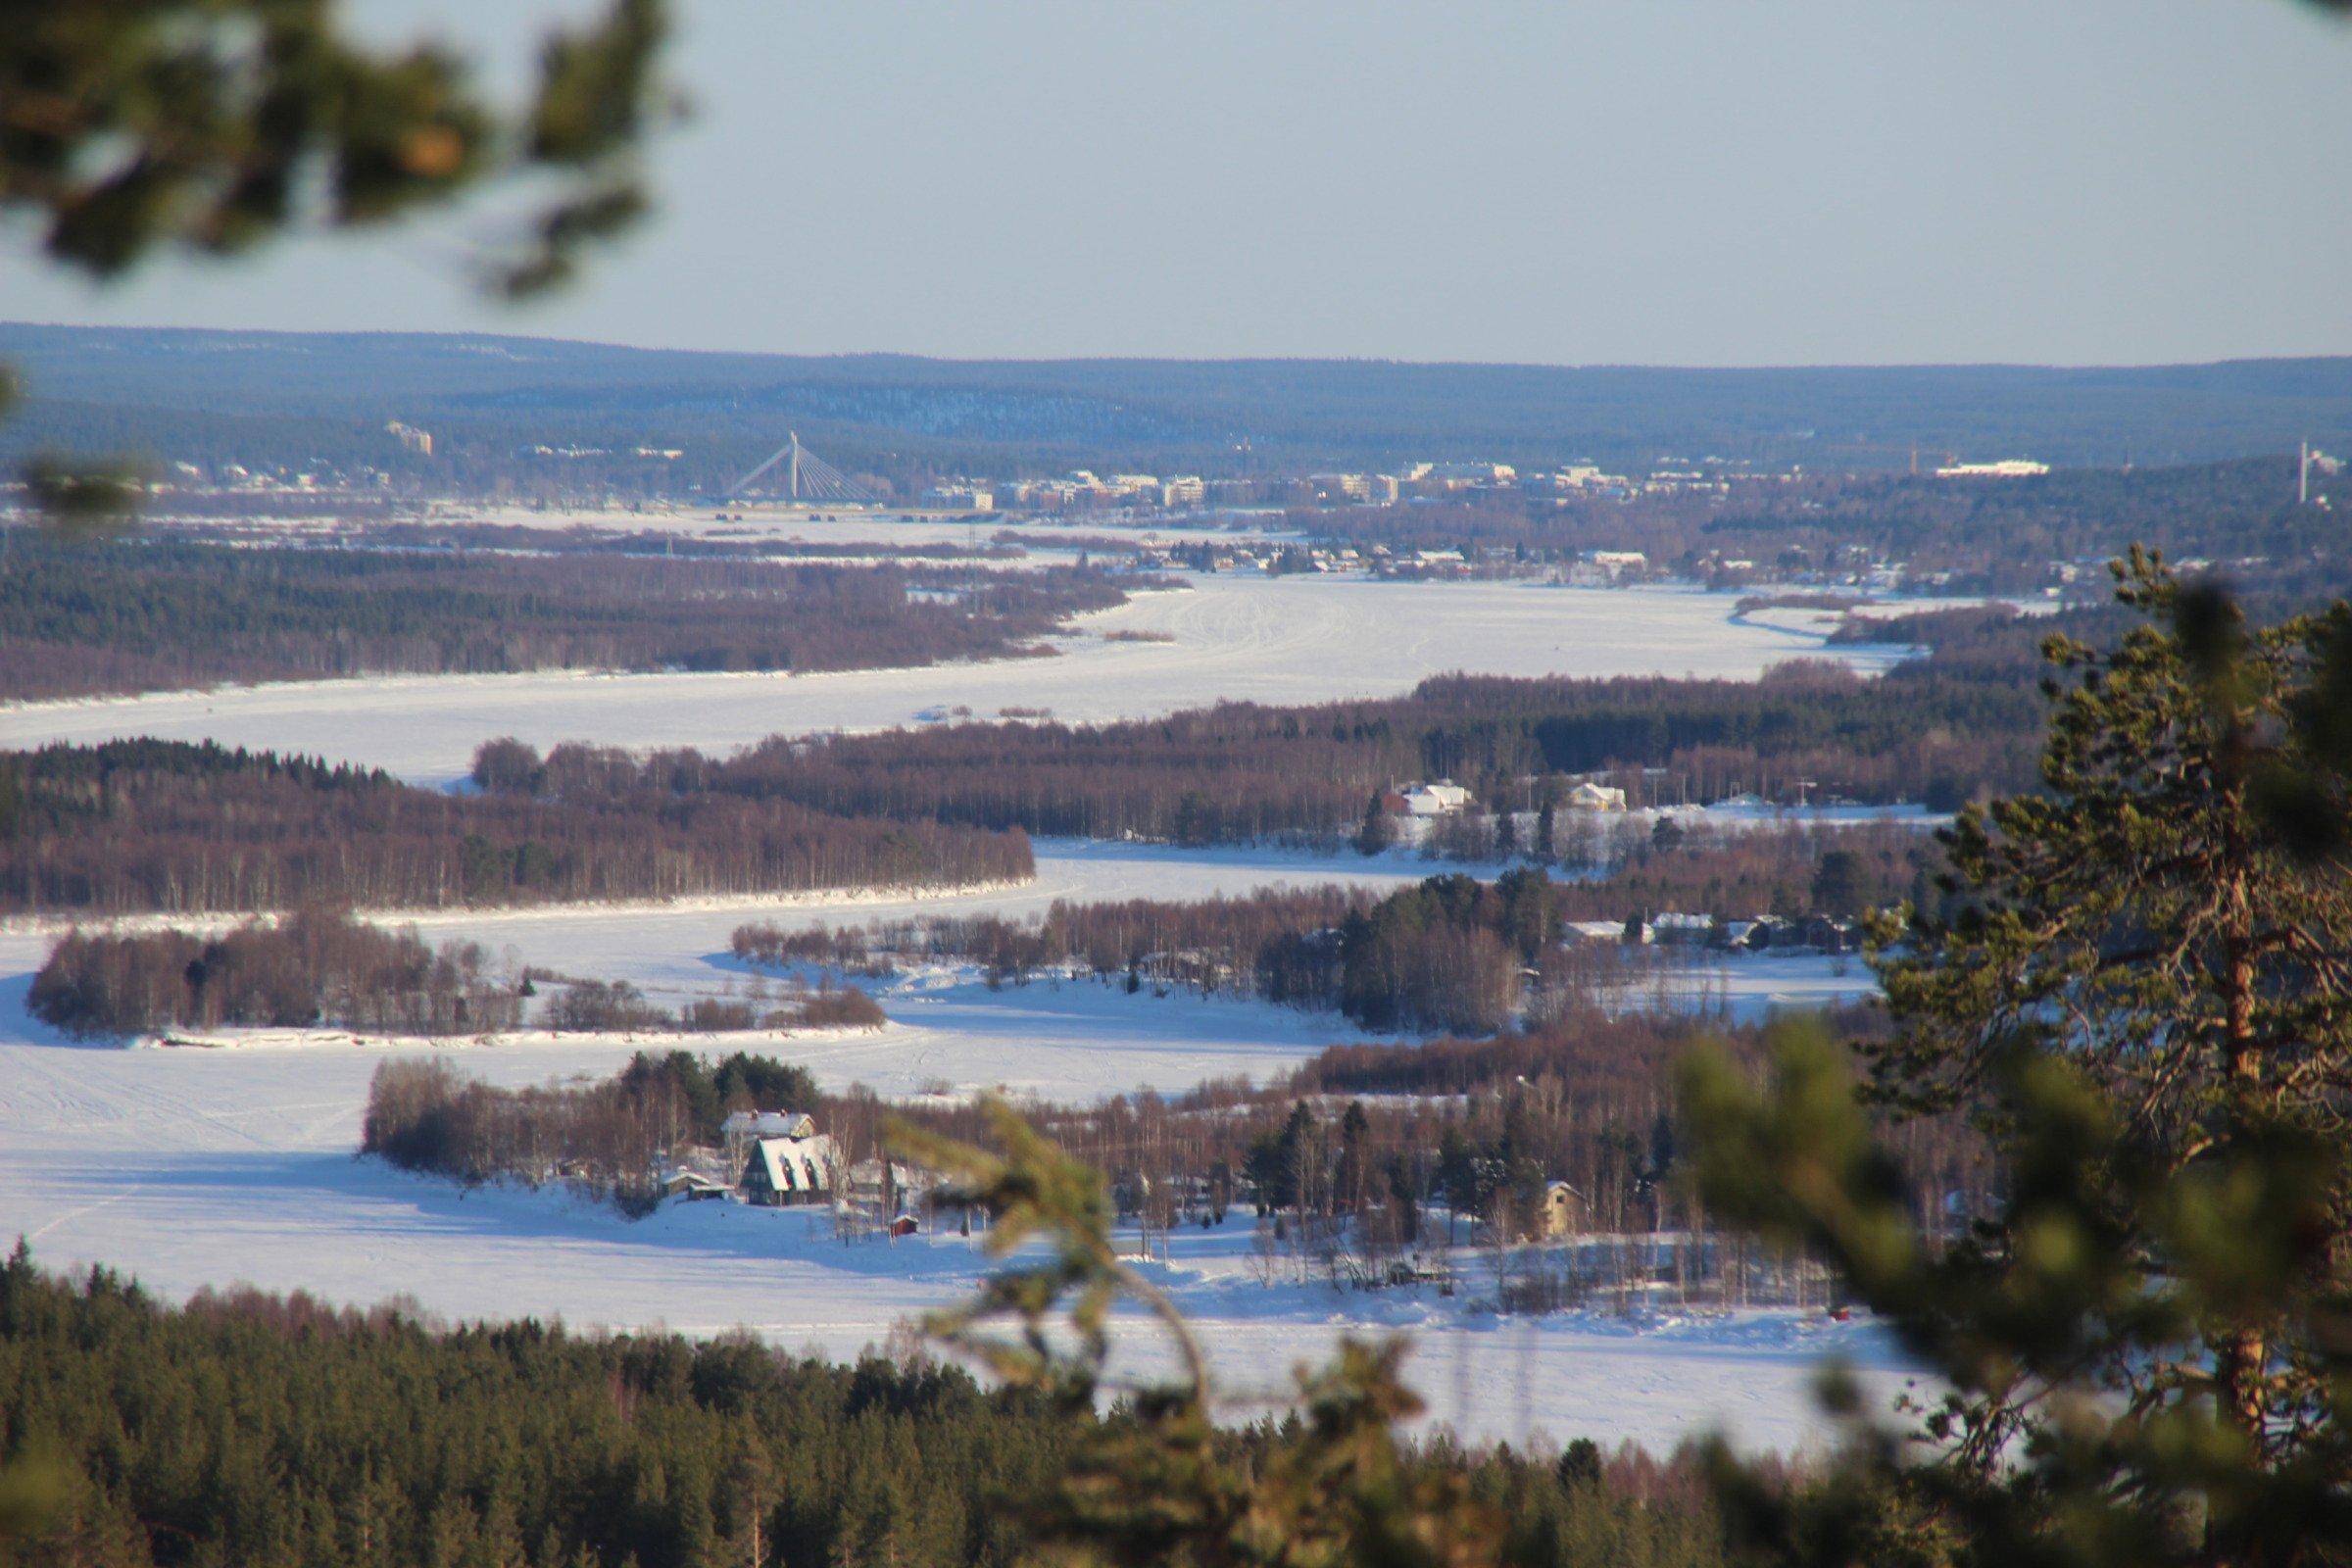 Näkymä Nuuksvaaralta Nivankylään ja kaupunkiin huhtikuussa 2018. (c) Piia Juntunen-Laakso